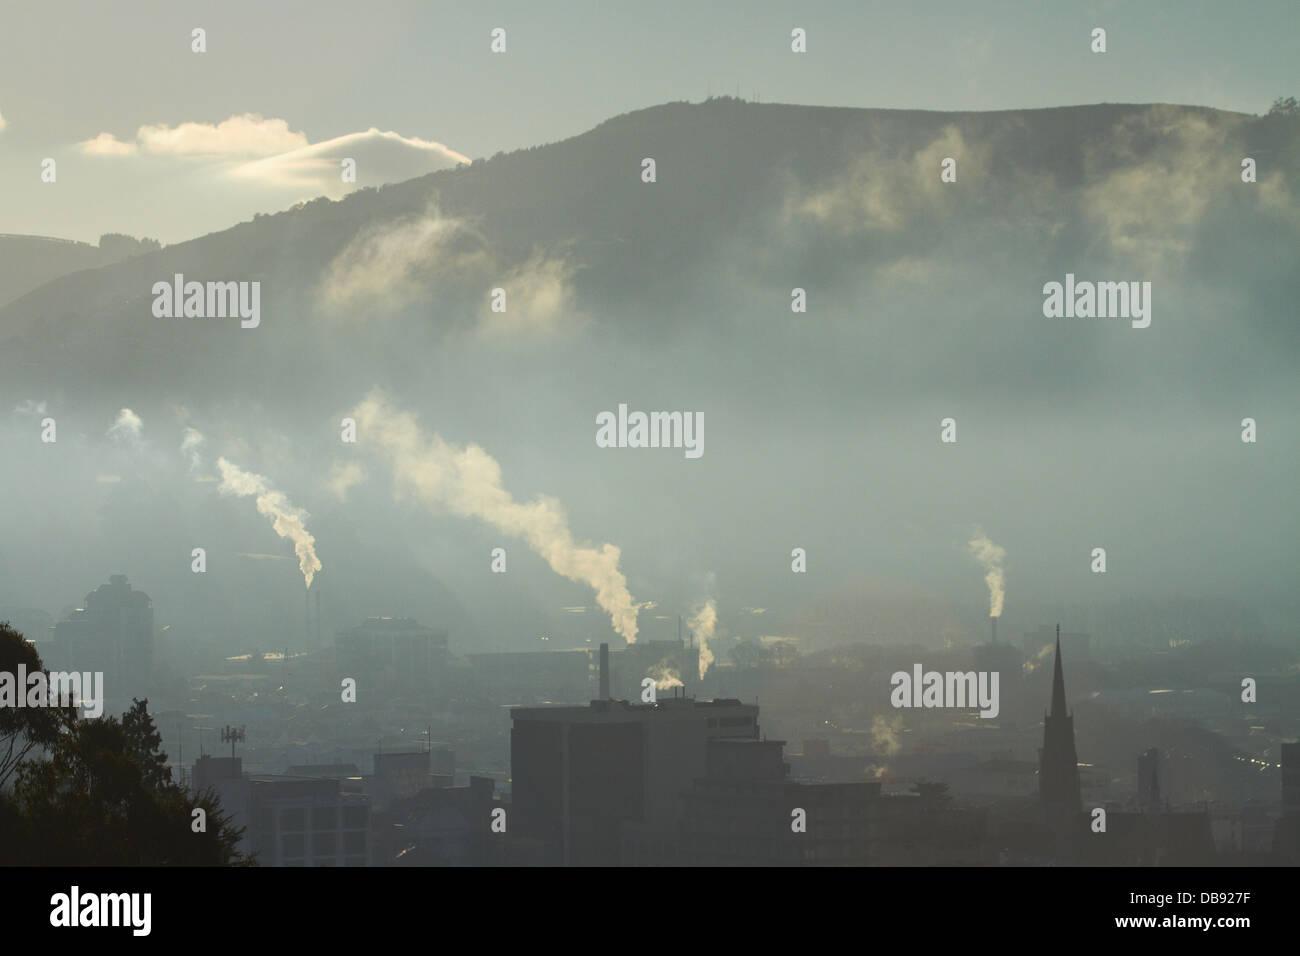 Inquinamento atmosferico, Dunedin, Isola del Sud, Nuova Zelanda Immagini Stock